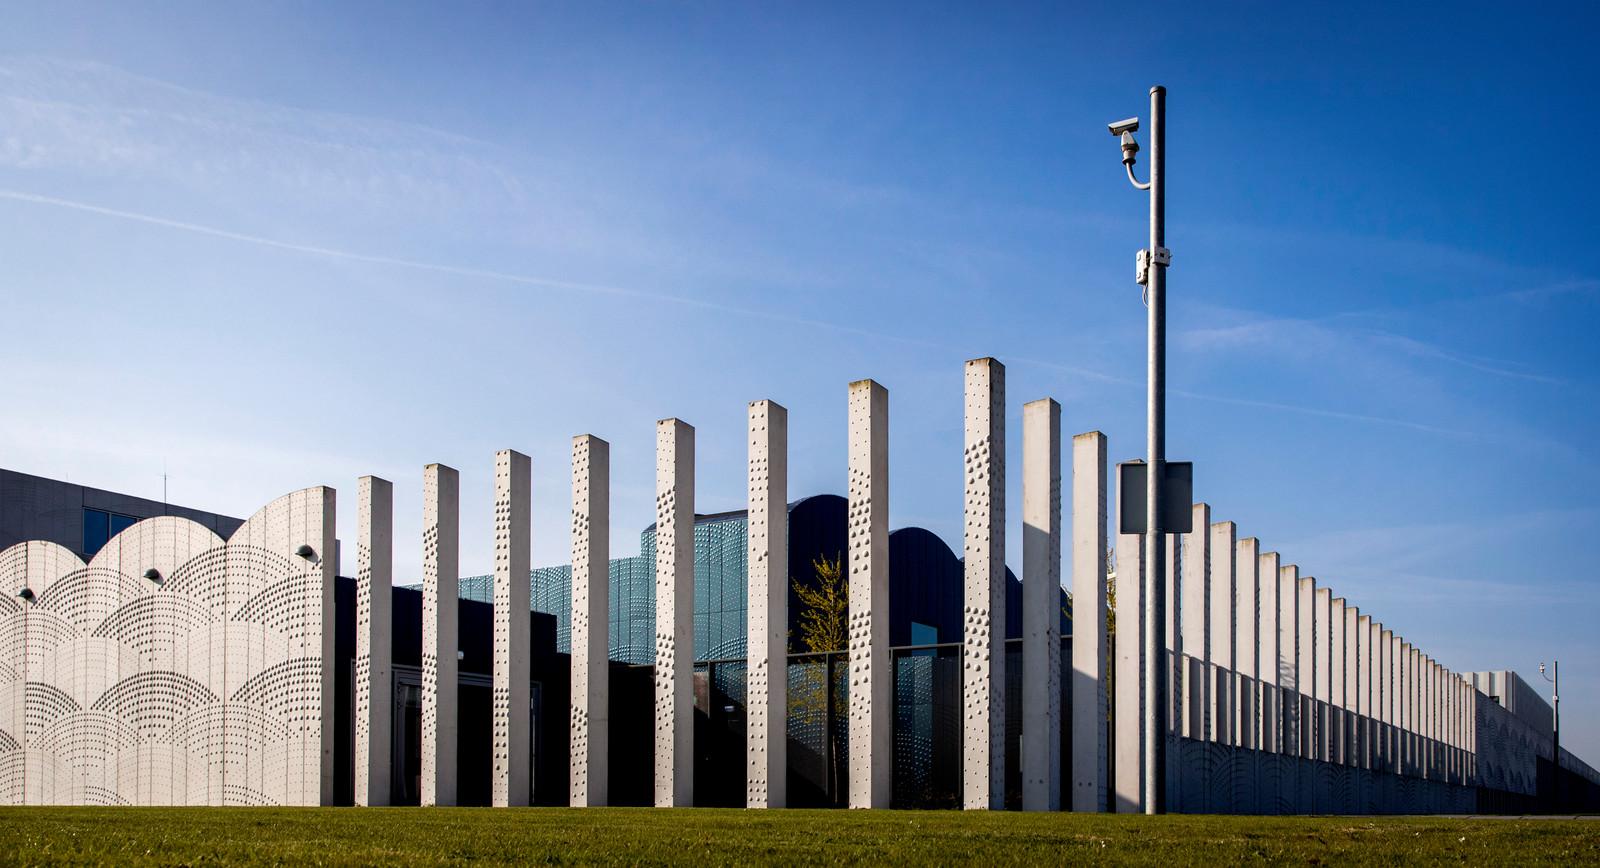 Het Justitieel Complex Schiphol, beter bekend als 'het detentiecentrum'.